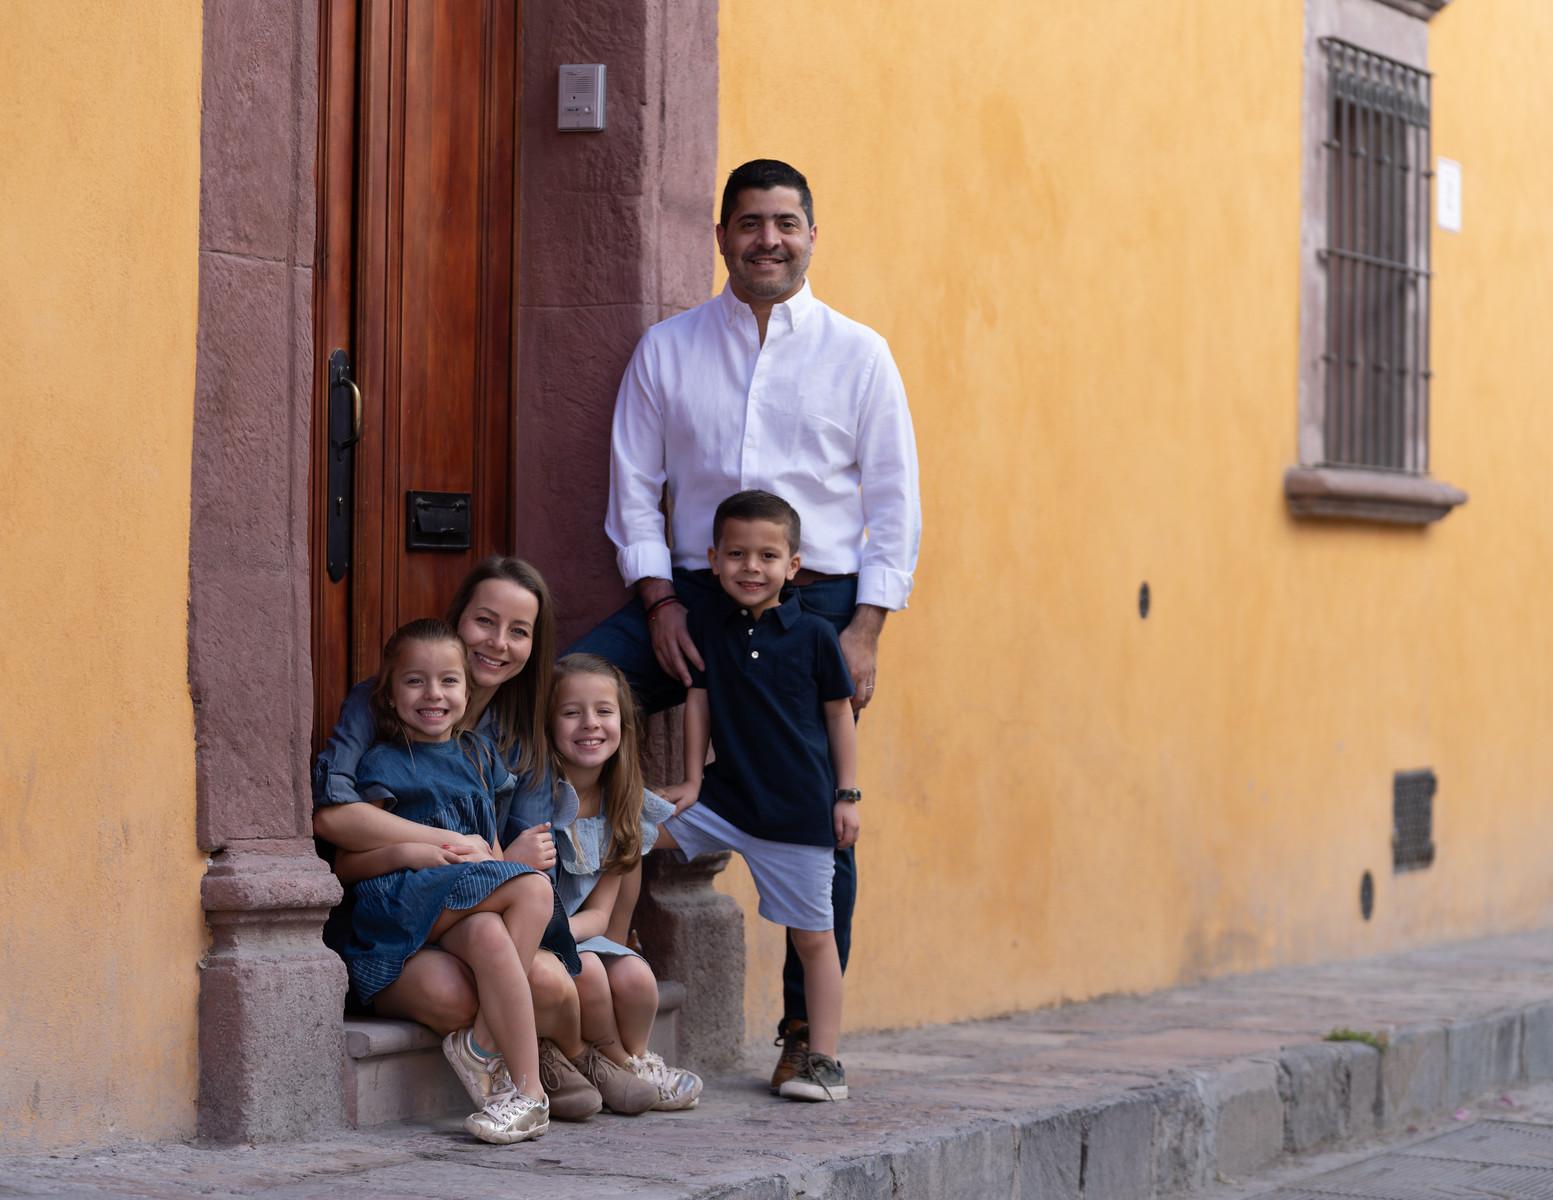 Sesion de Fotos Familiar en San Miguel de Allende con Jimena y su Familia-36.jpg